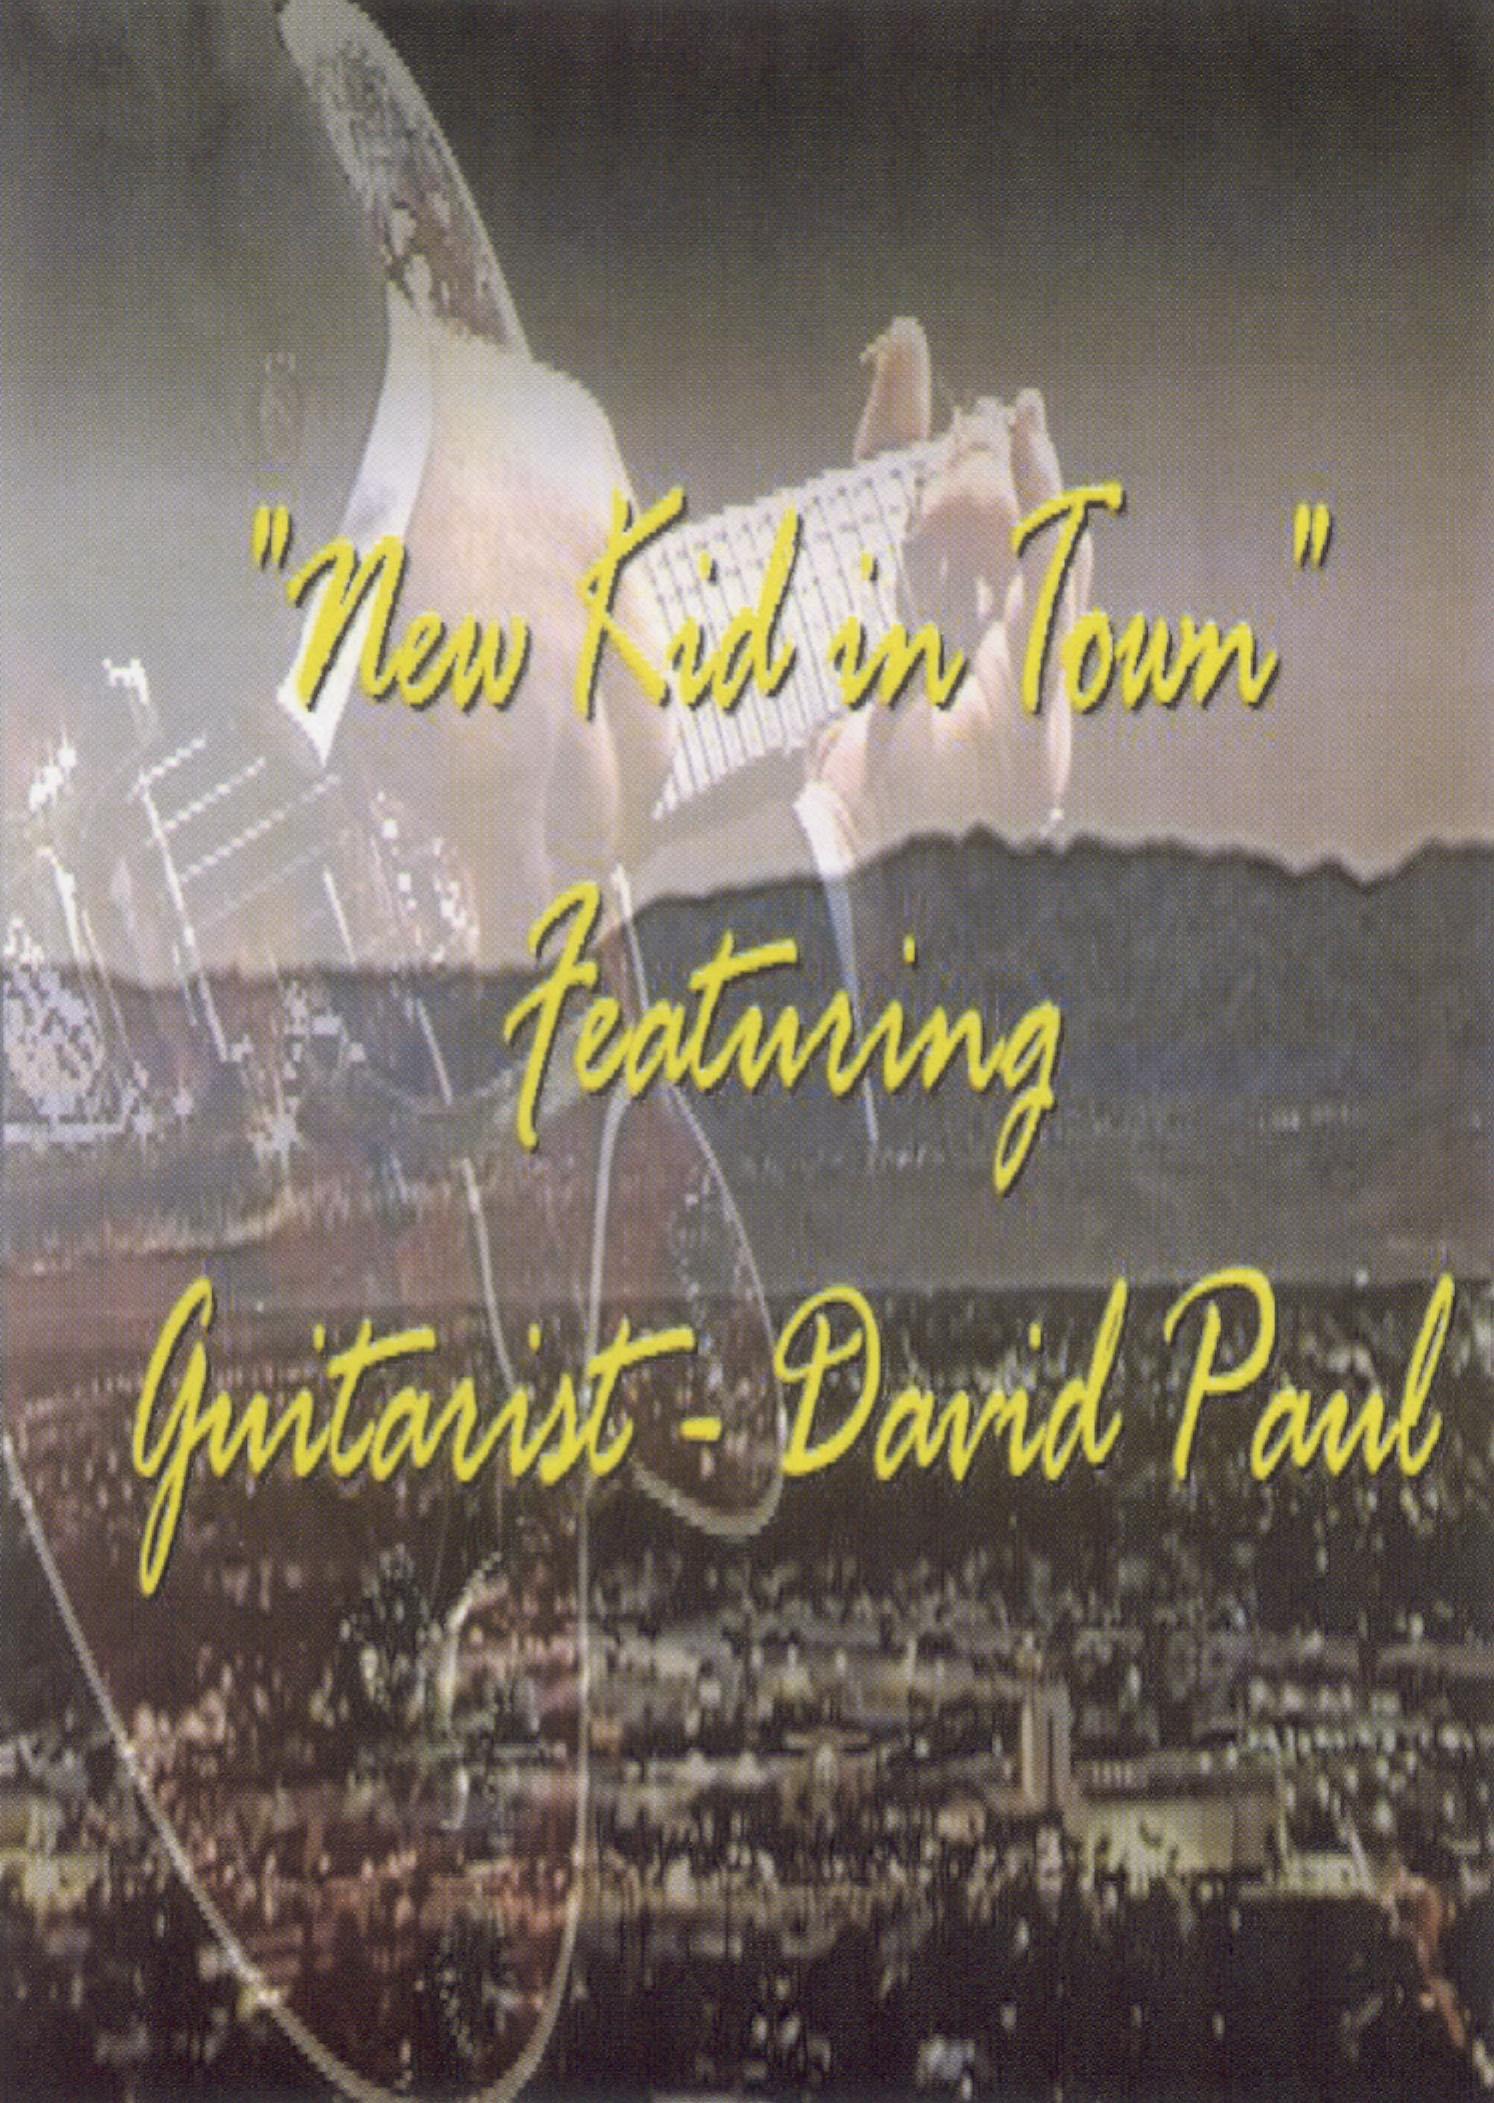 David Paul: New Kid In Town